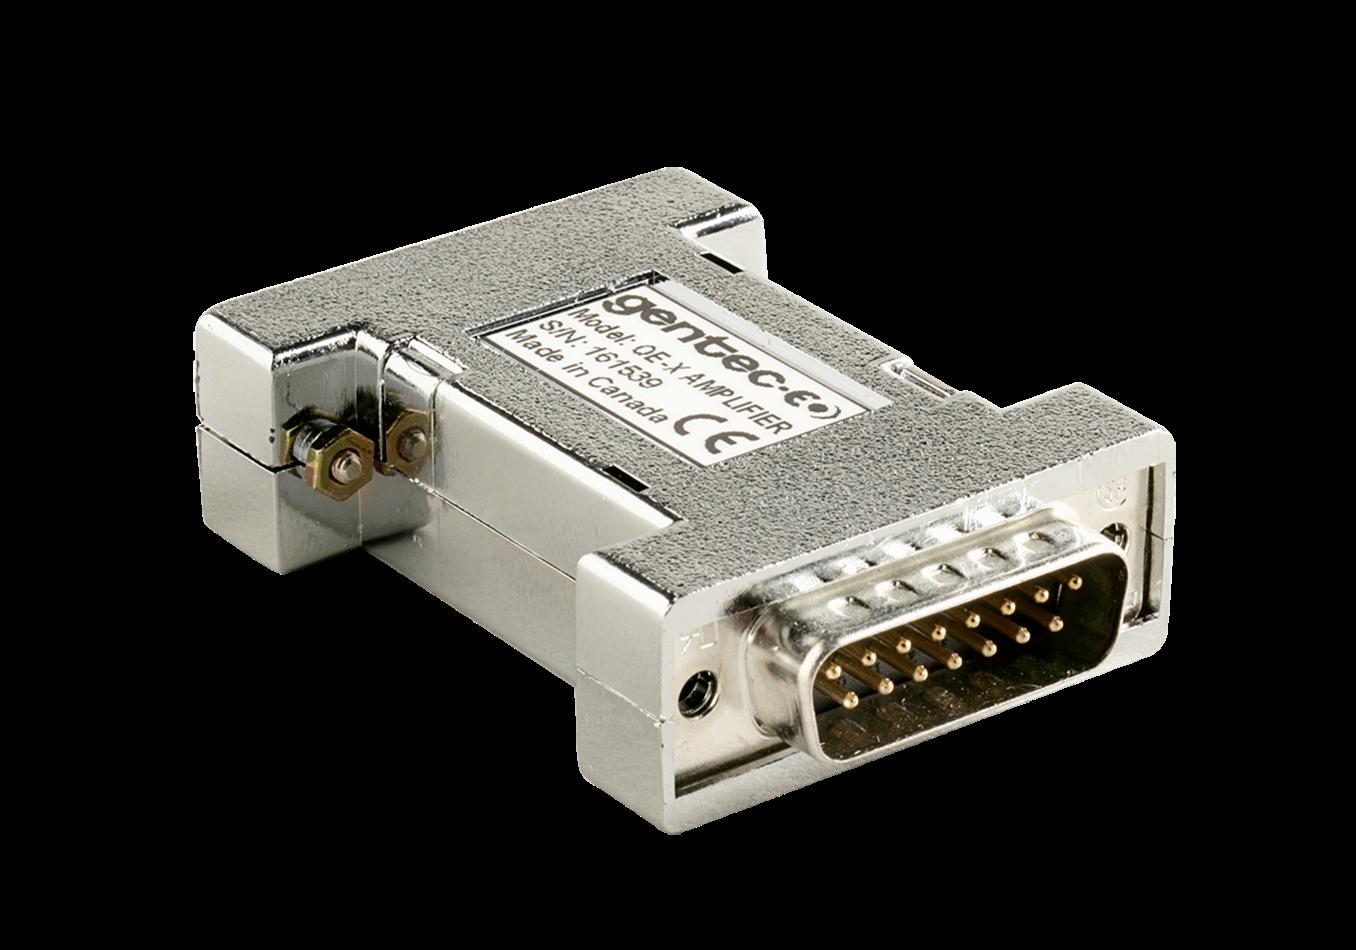 DB15-ADAPTOR - Adaptors & cables - Gentec-EO